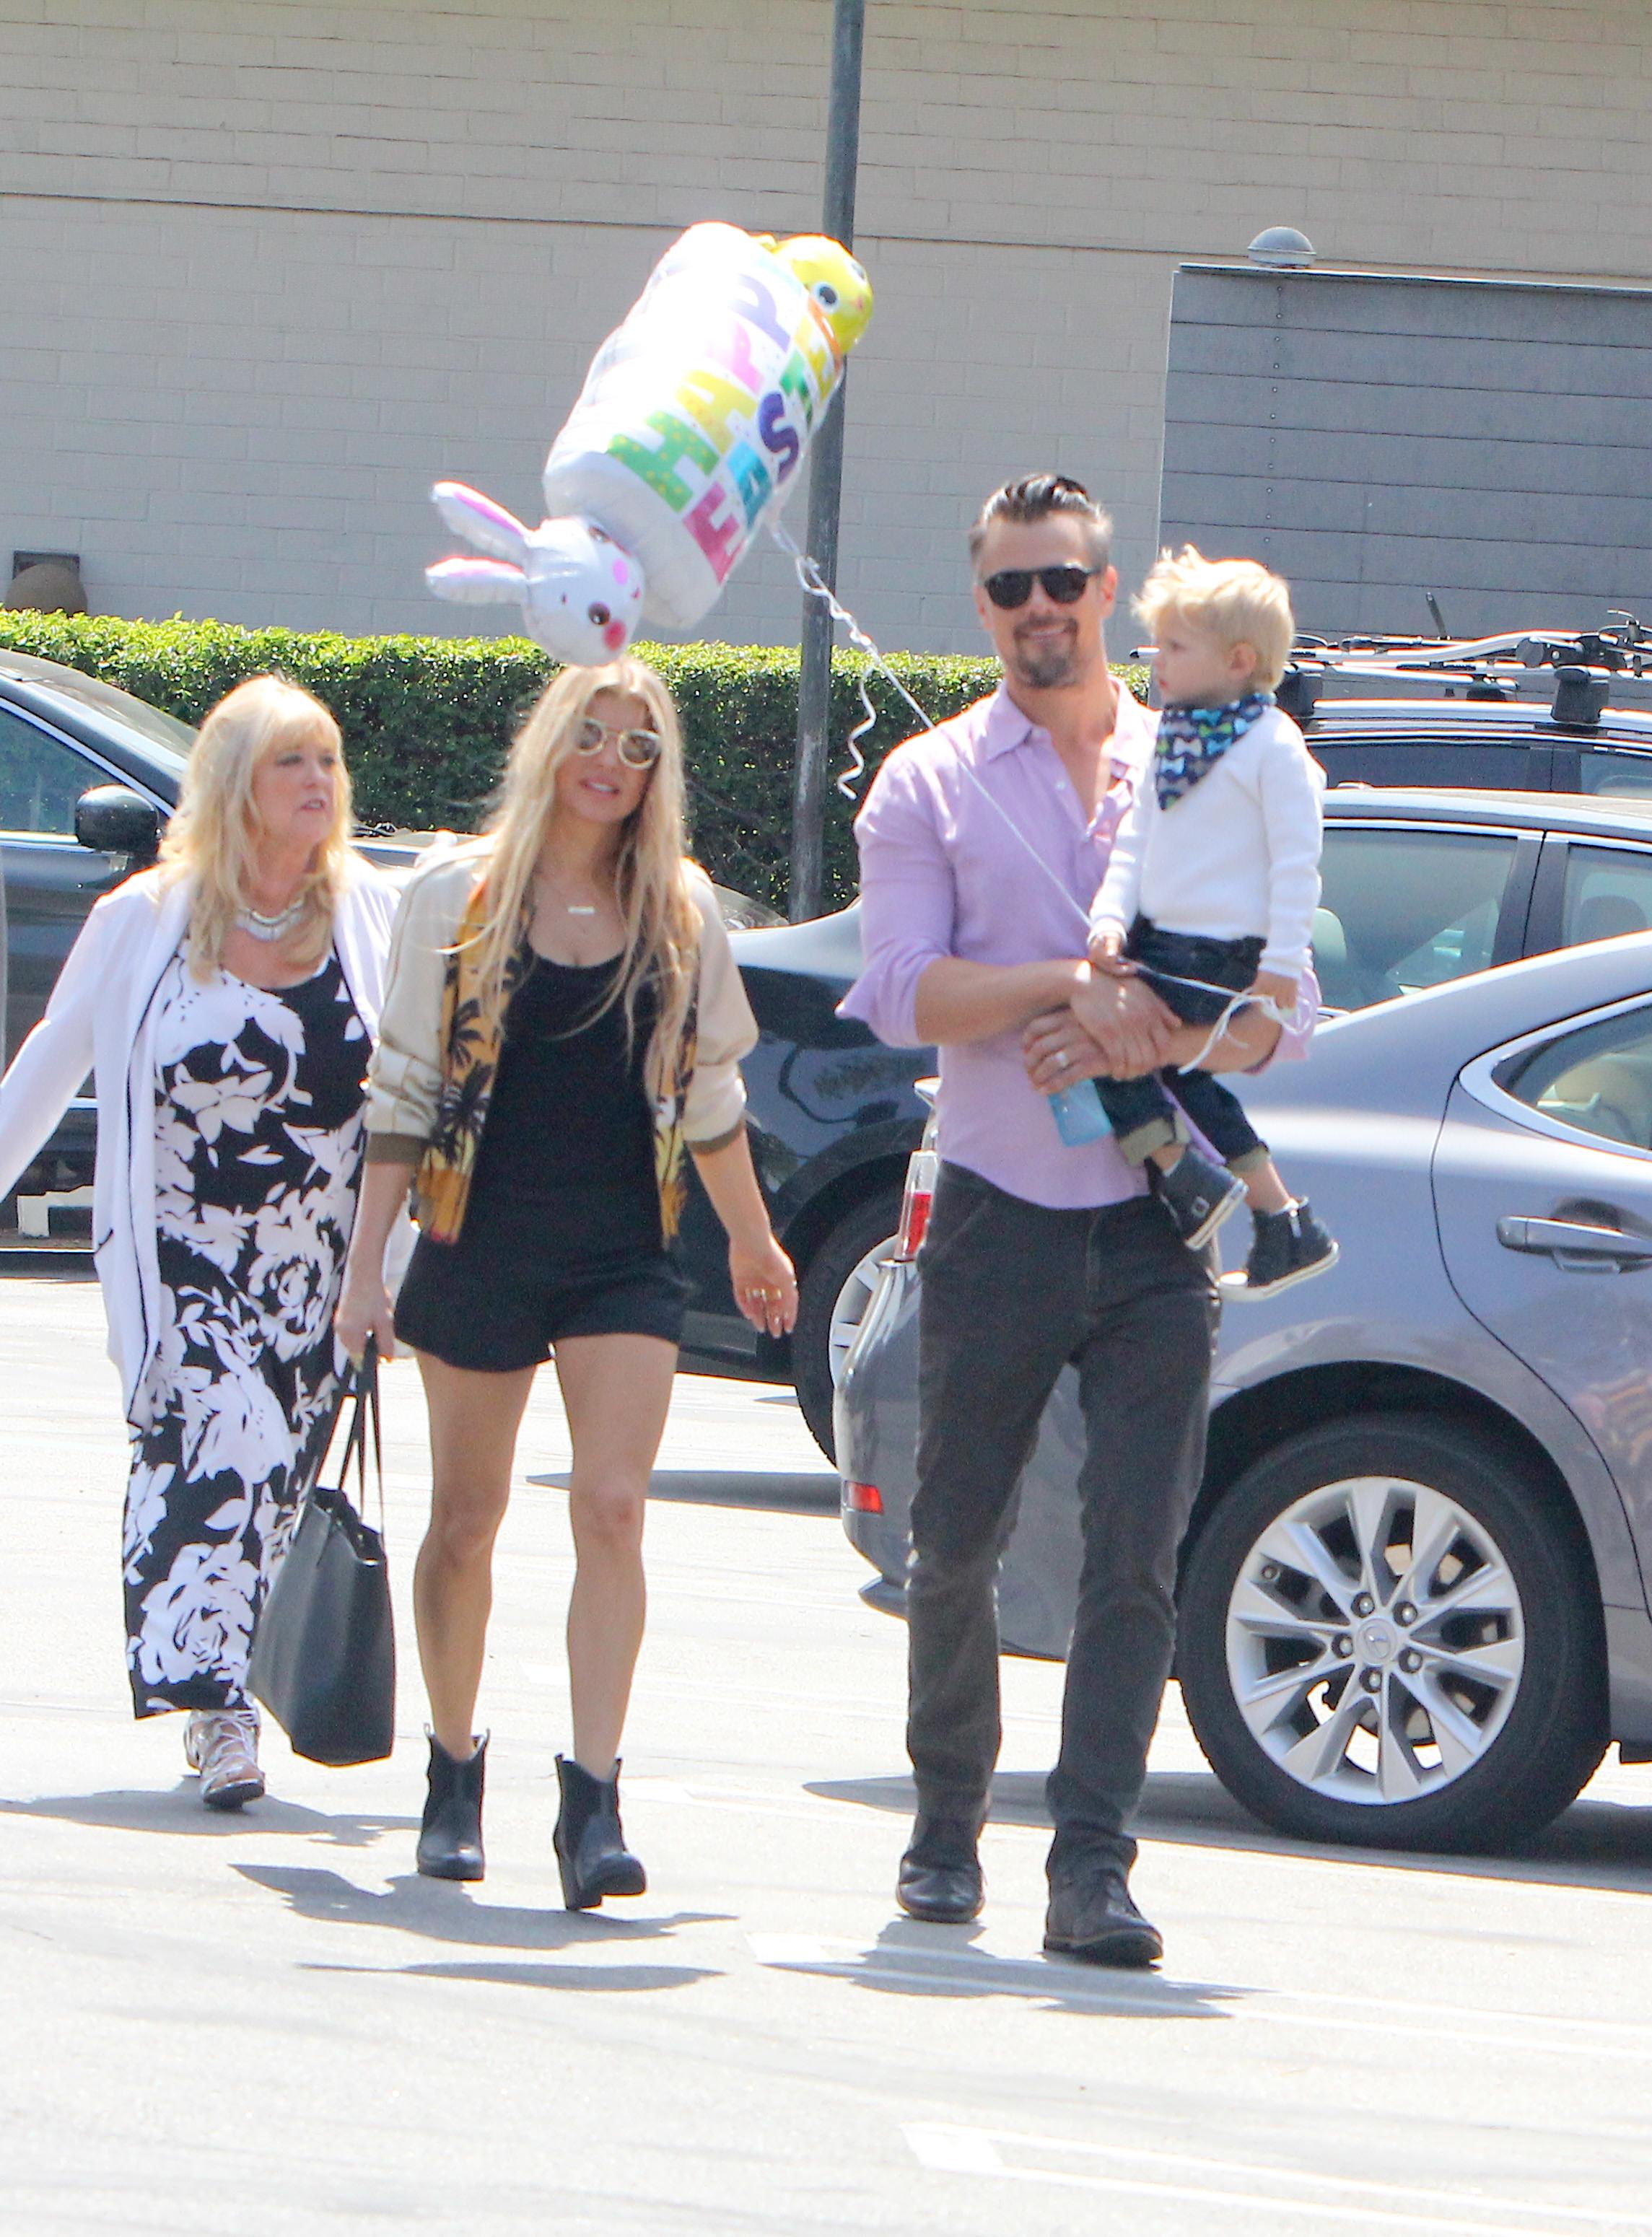 Fergie and Josh Duhamel's son loves Flo Rida